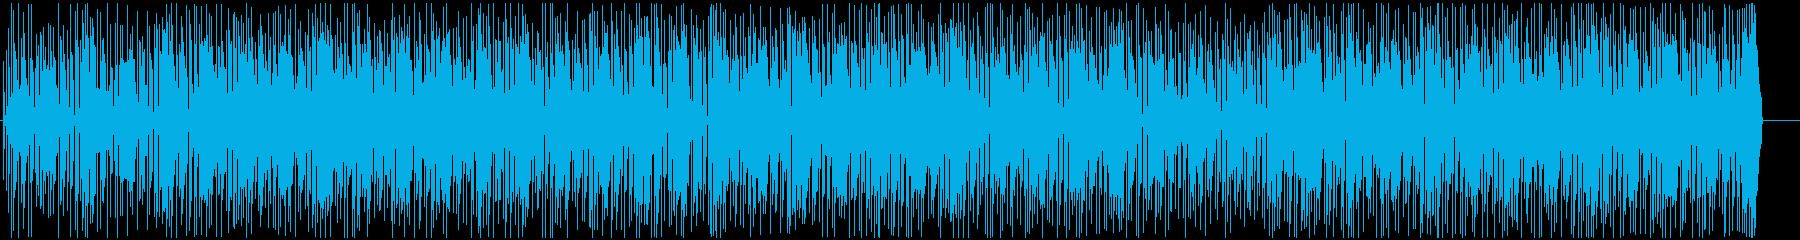 わくわくするようなロック調ポップスの再生済みの波形